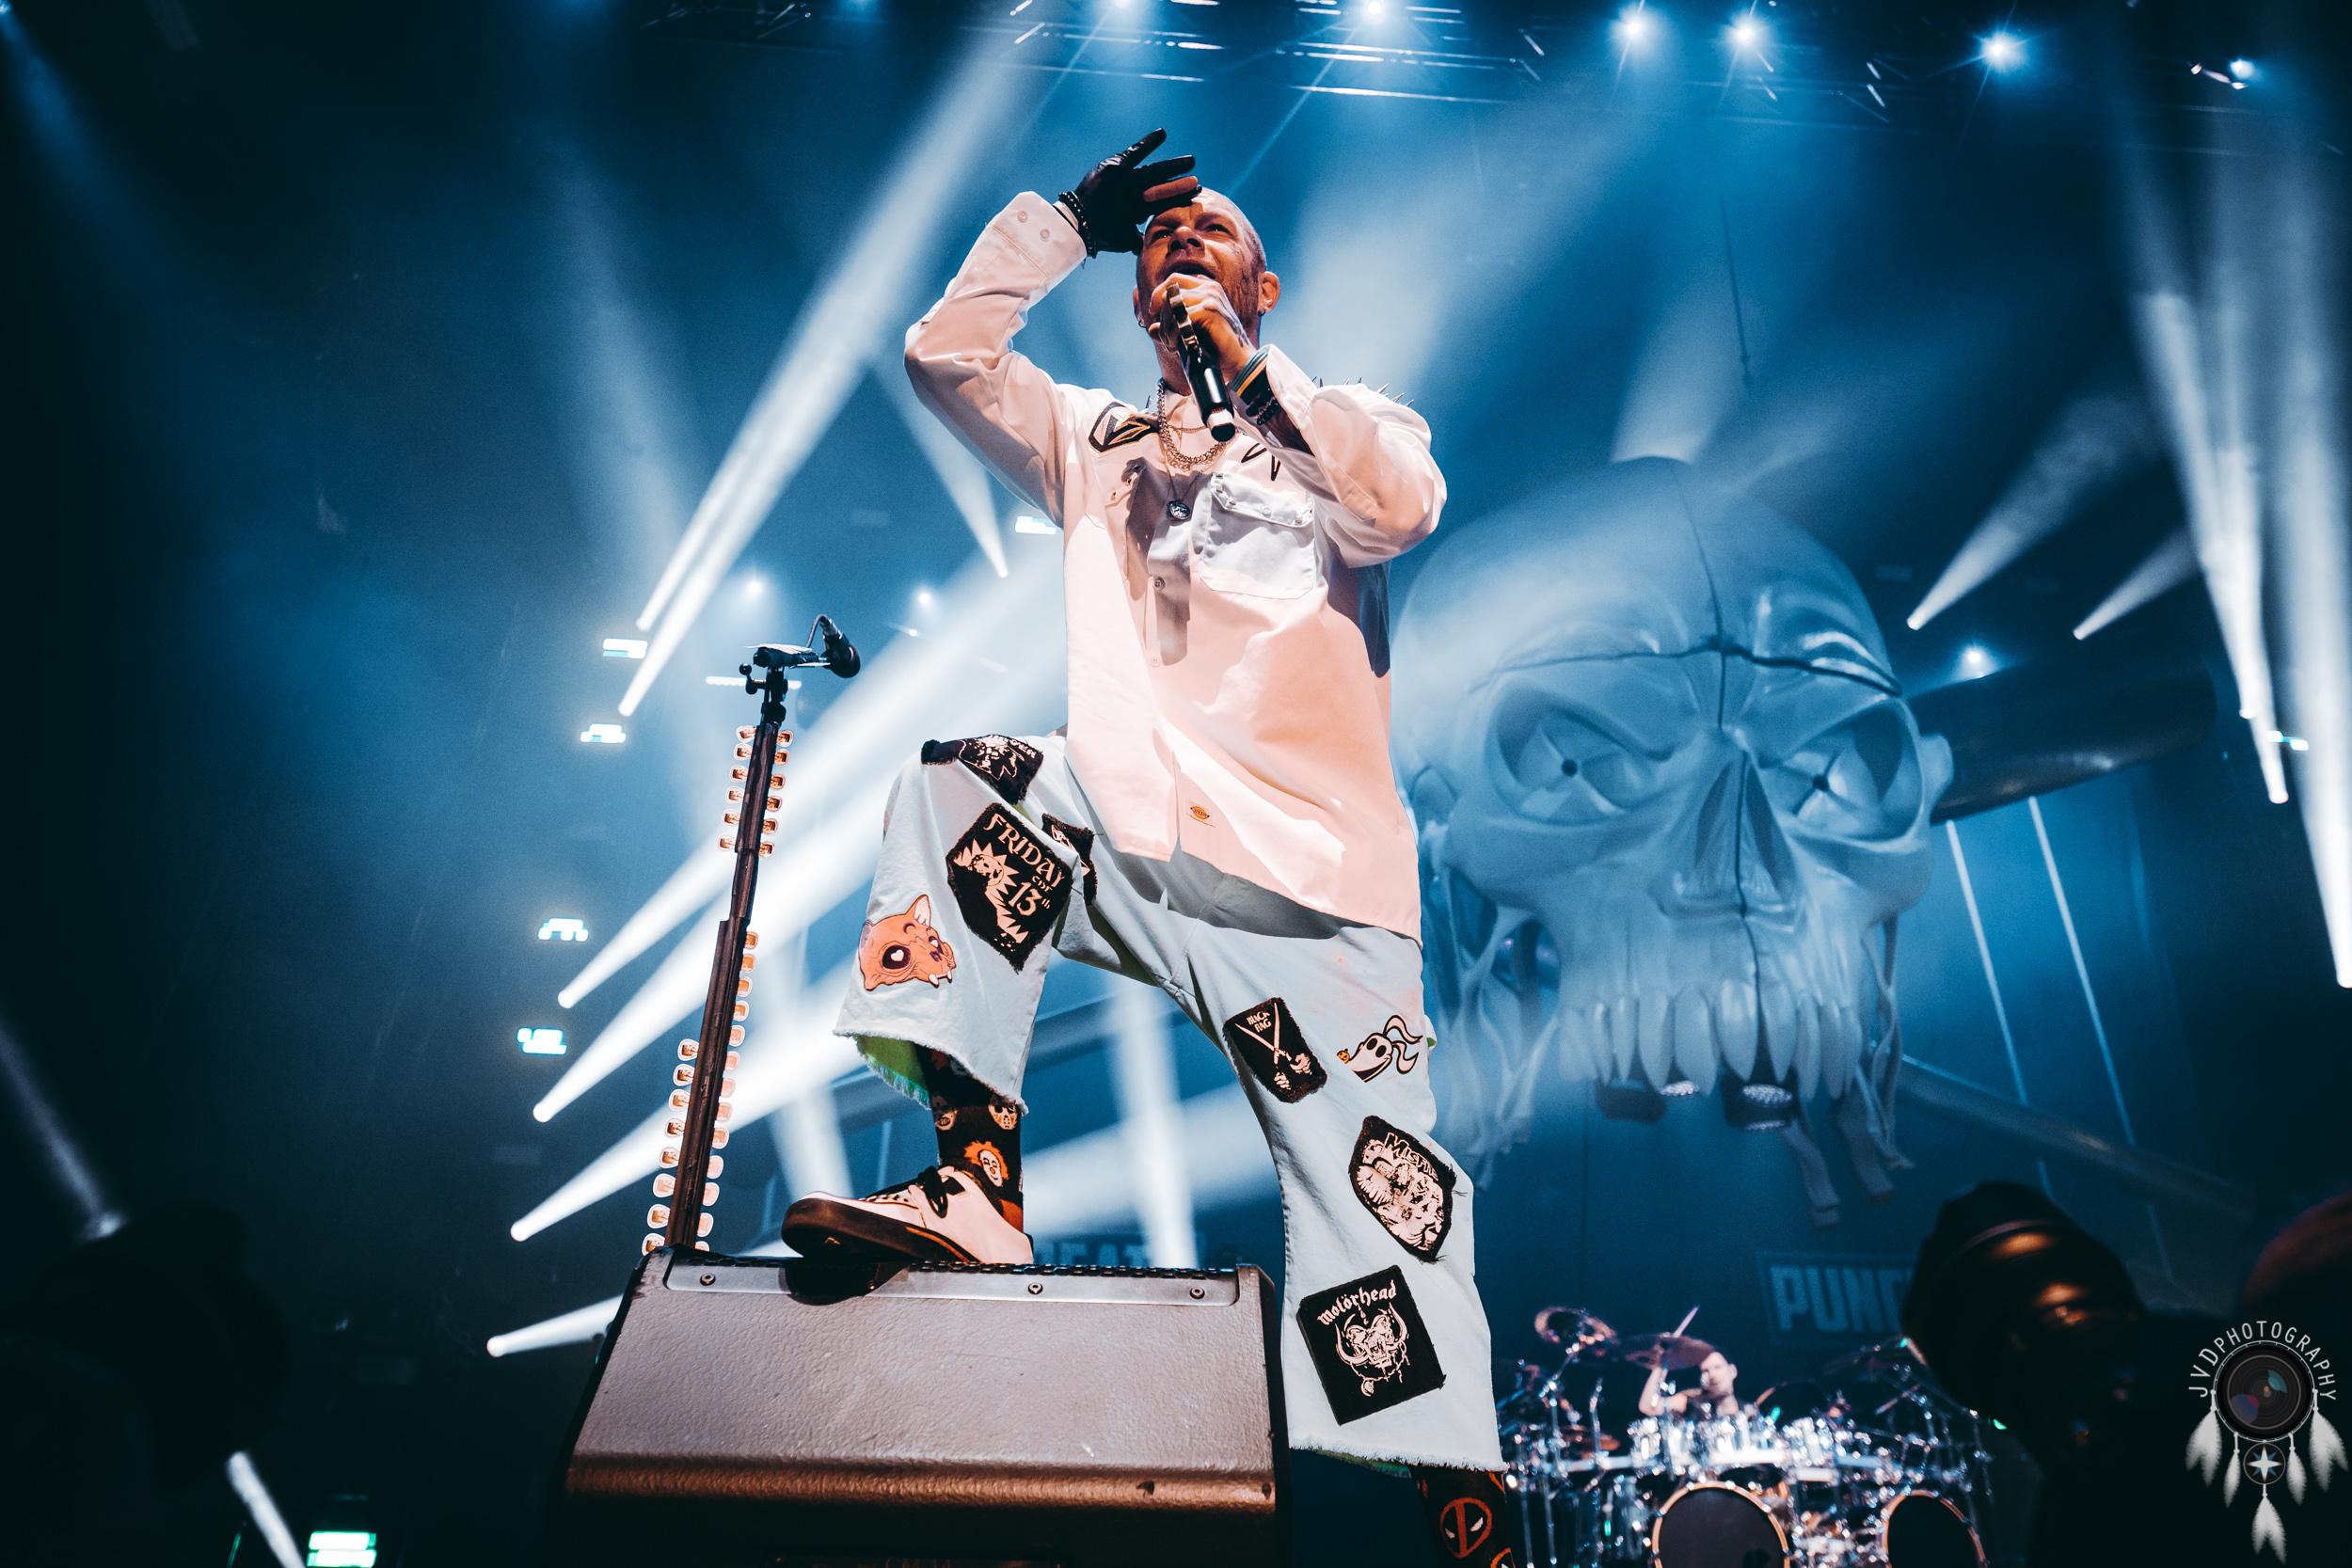 Five_Finger_Death_punch_Afas_Live_Amsterdam_JVDPhotography-13